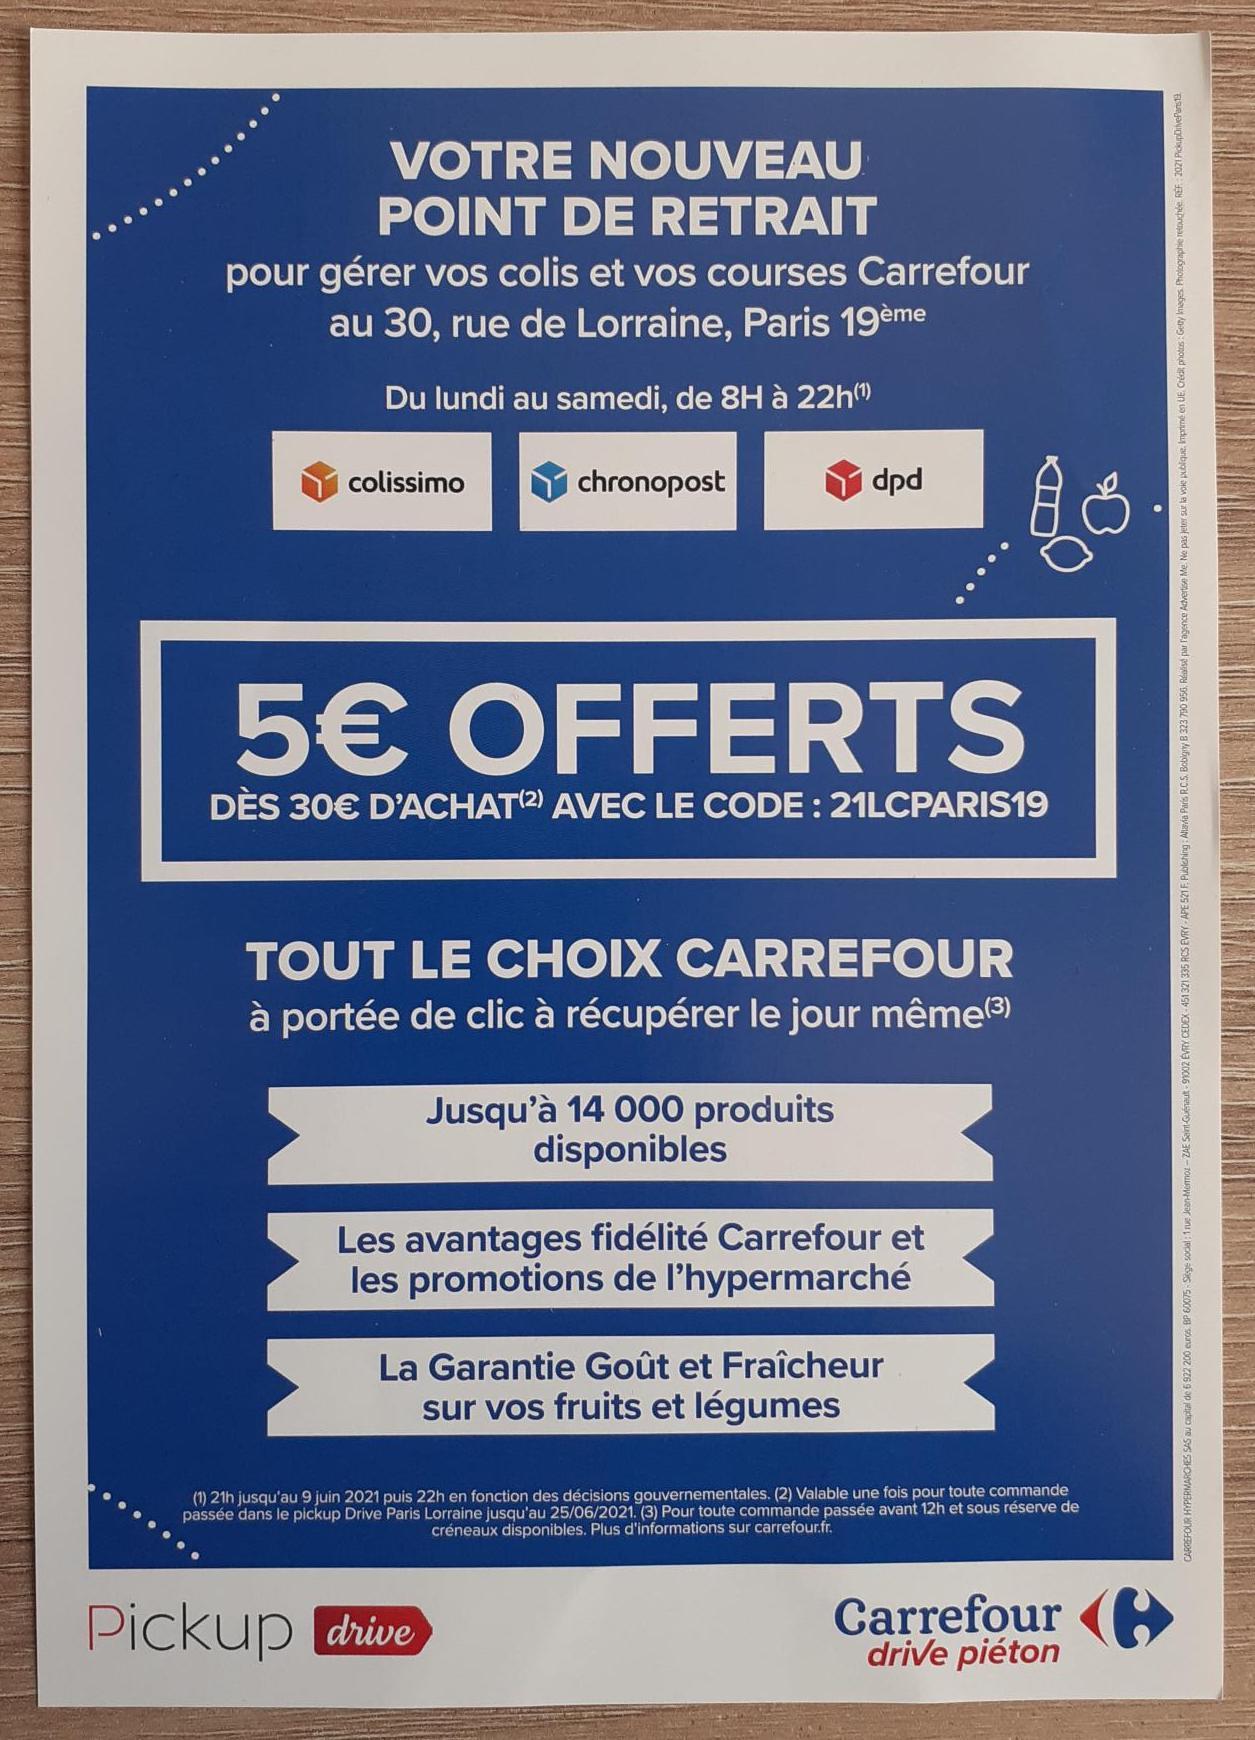 5€ de réduction dès 30€ d'achat - Pickup Drive Lorraine (75)